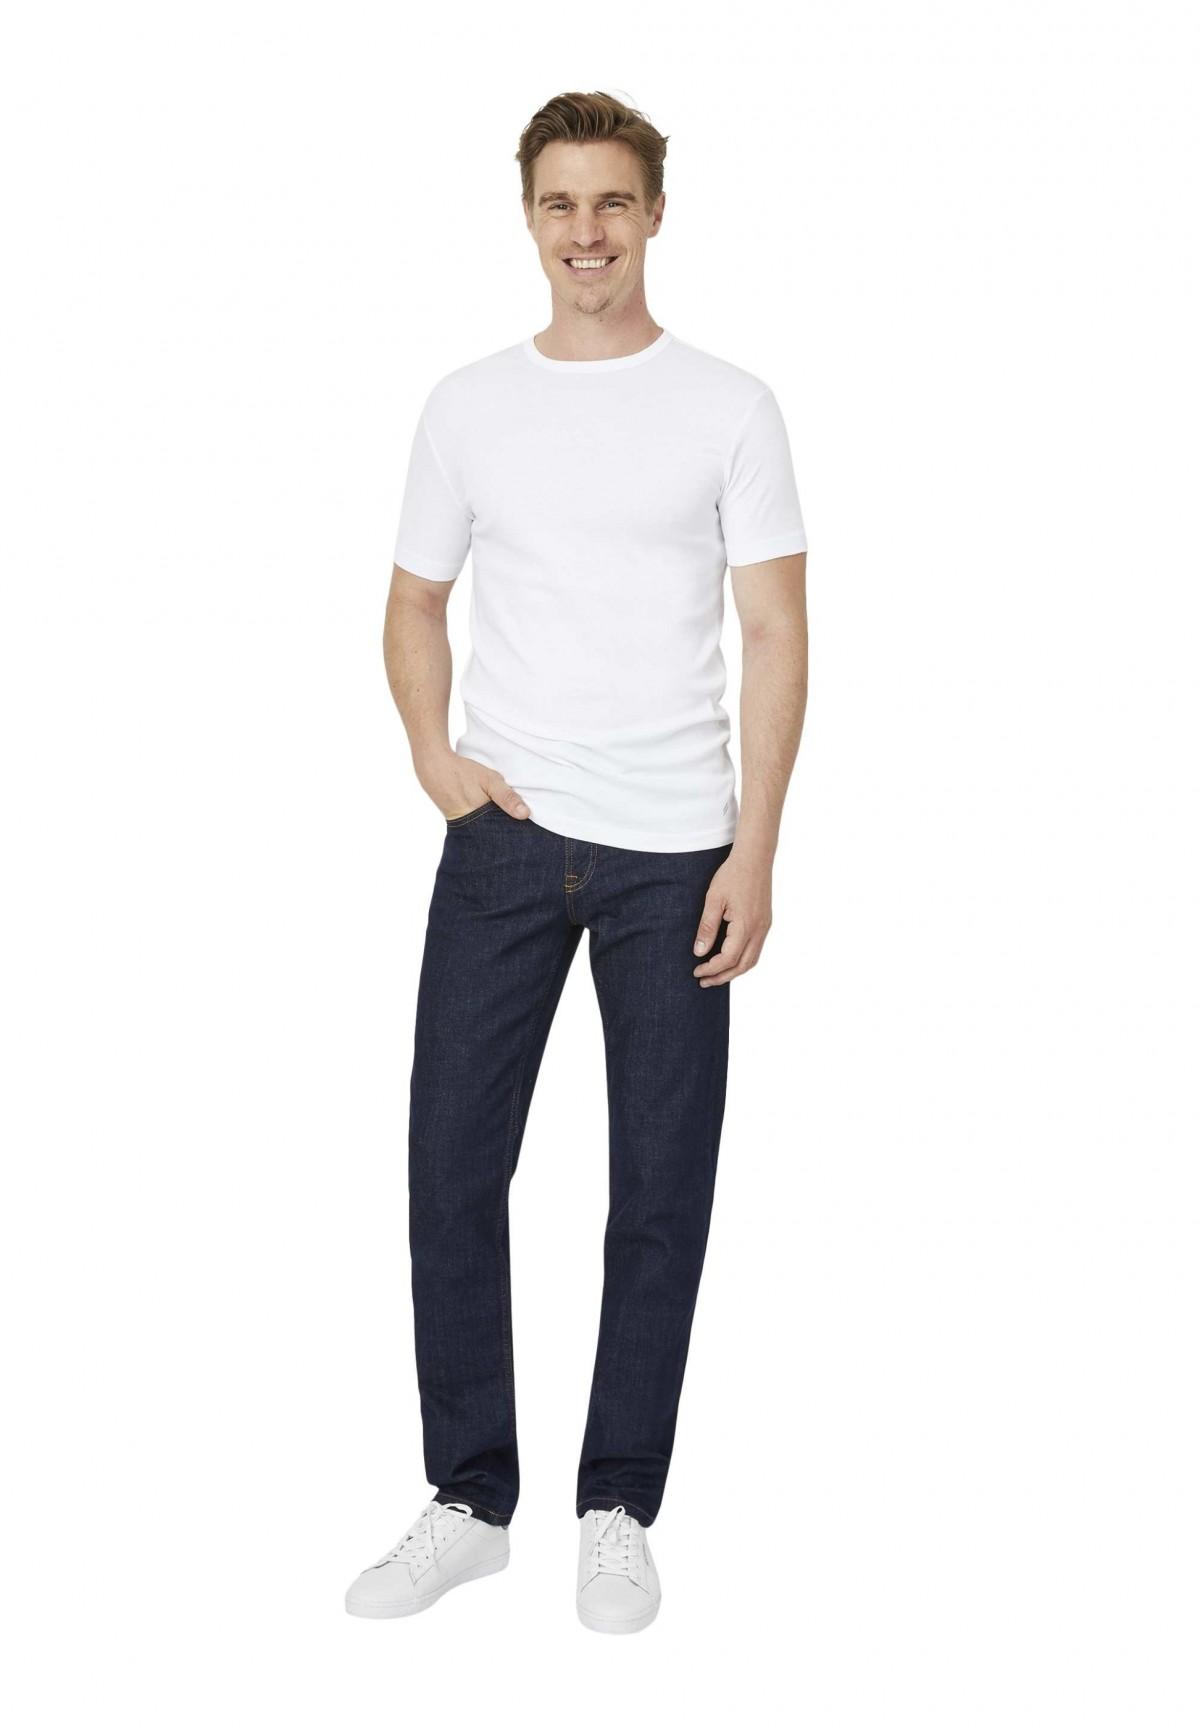 Doppelpack T-Shirt Rundhals Modern-fit / T-Shirt Rundhals Modern-fit